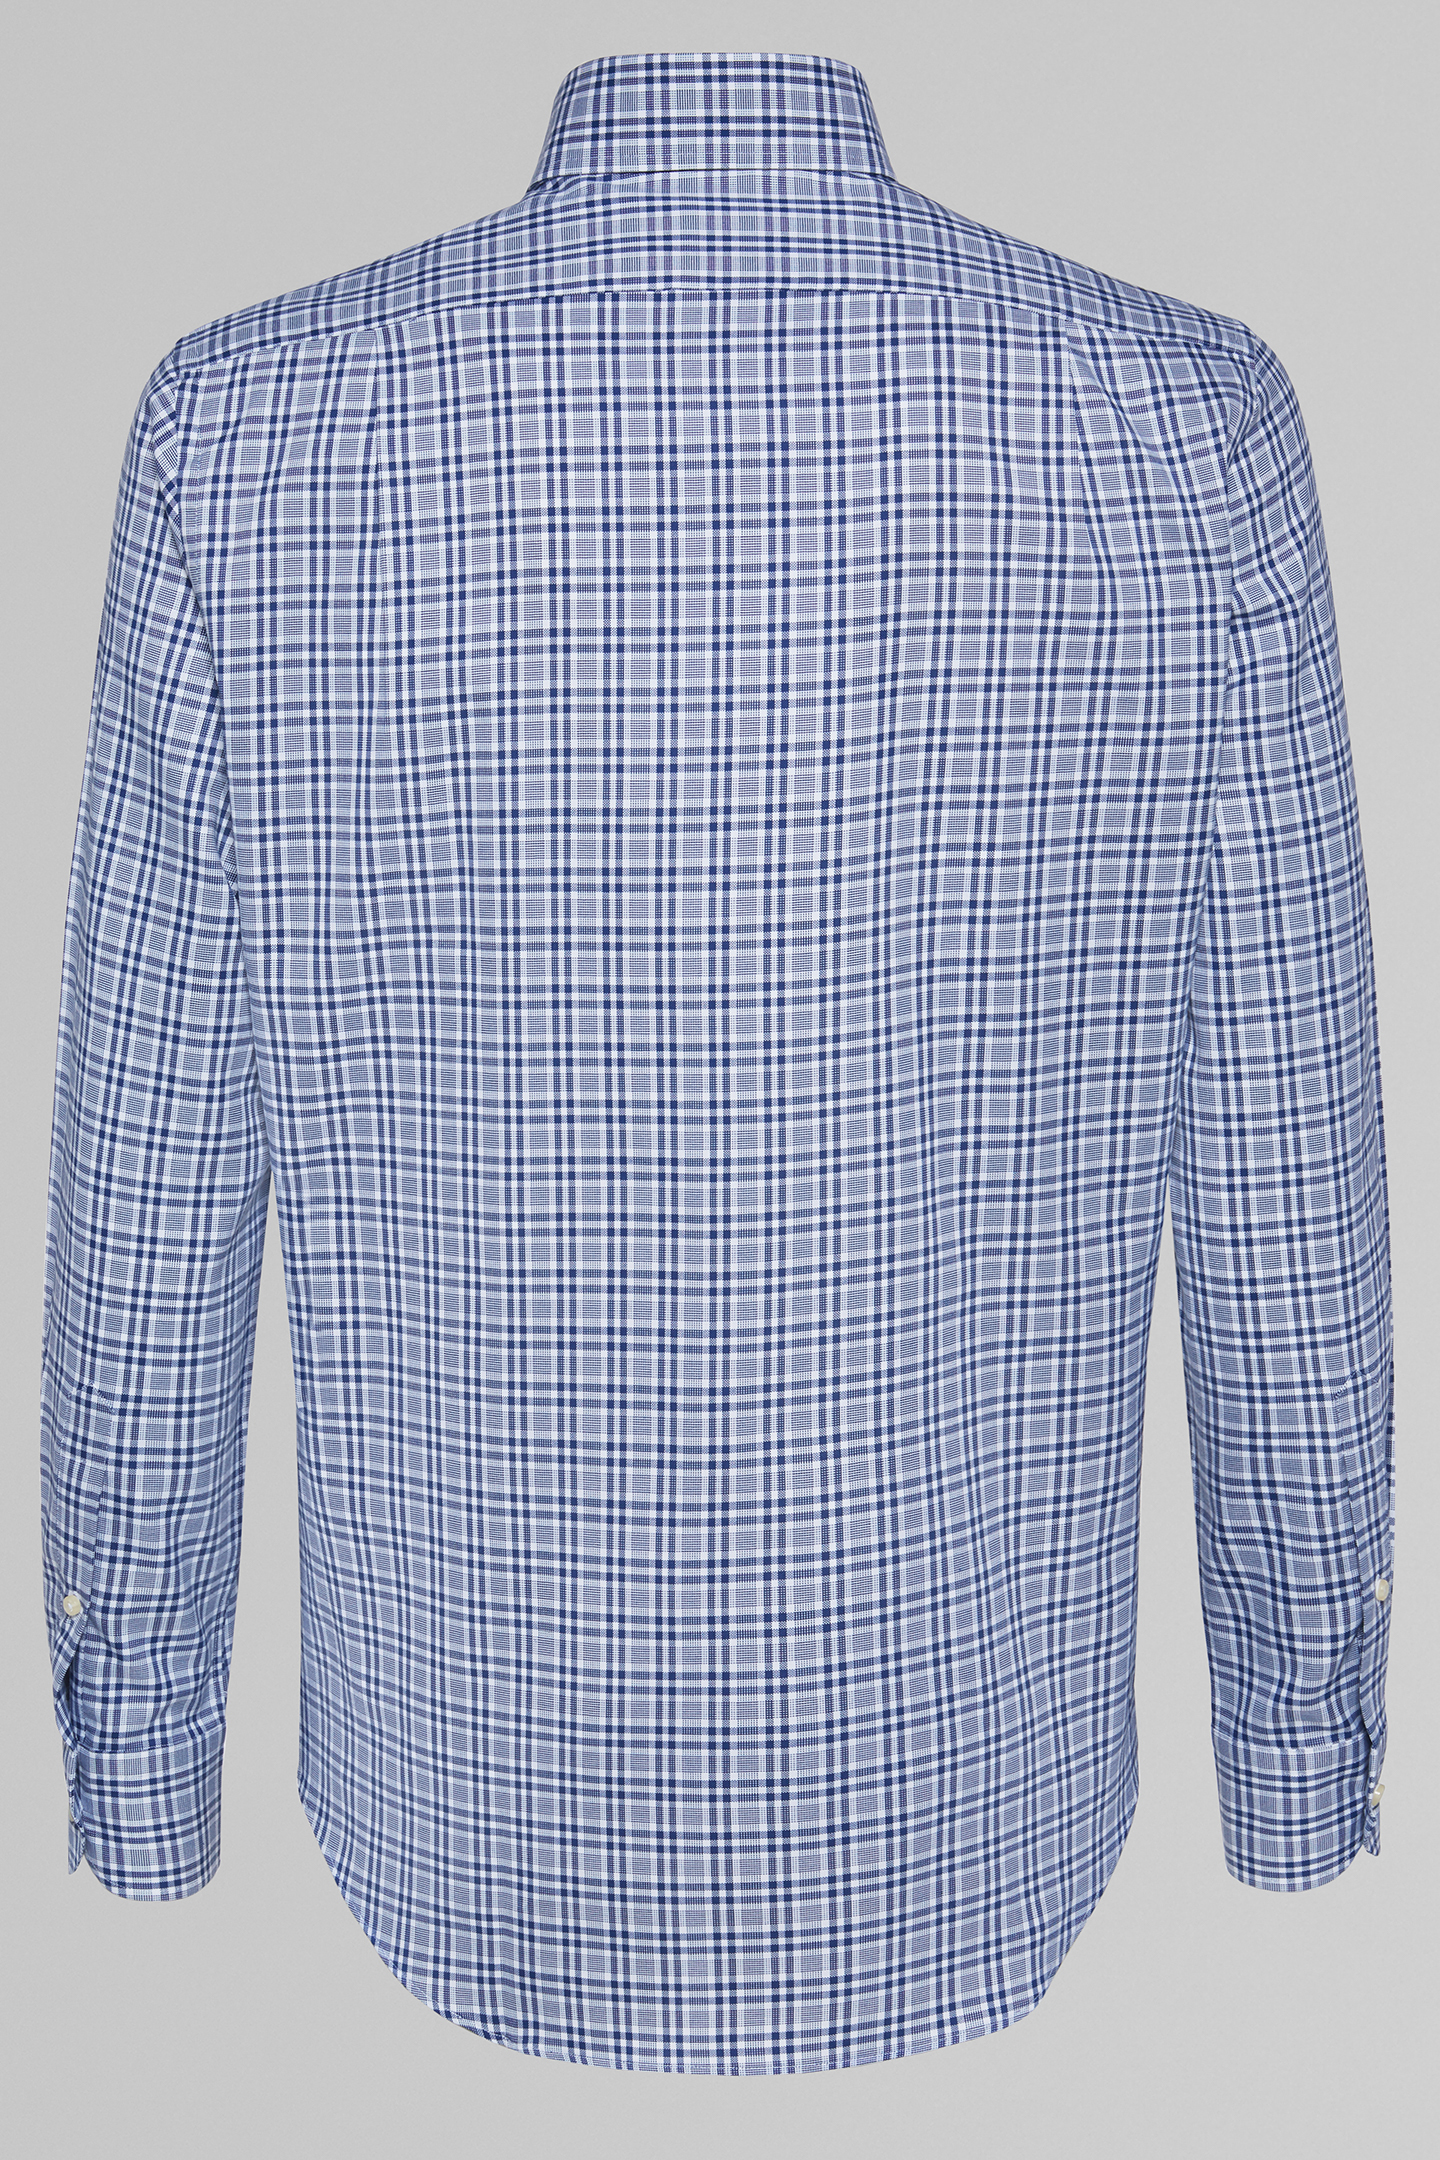 Camisa Regular Fit A Cuadros Azules Con Cuello Capri